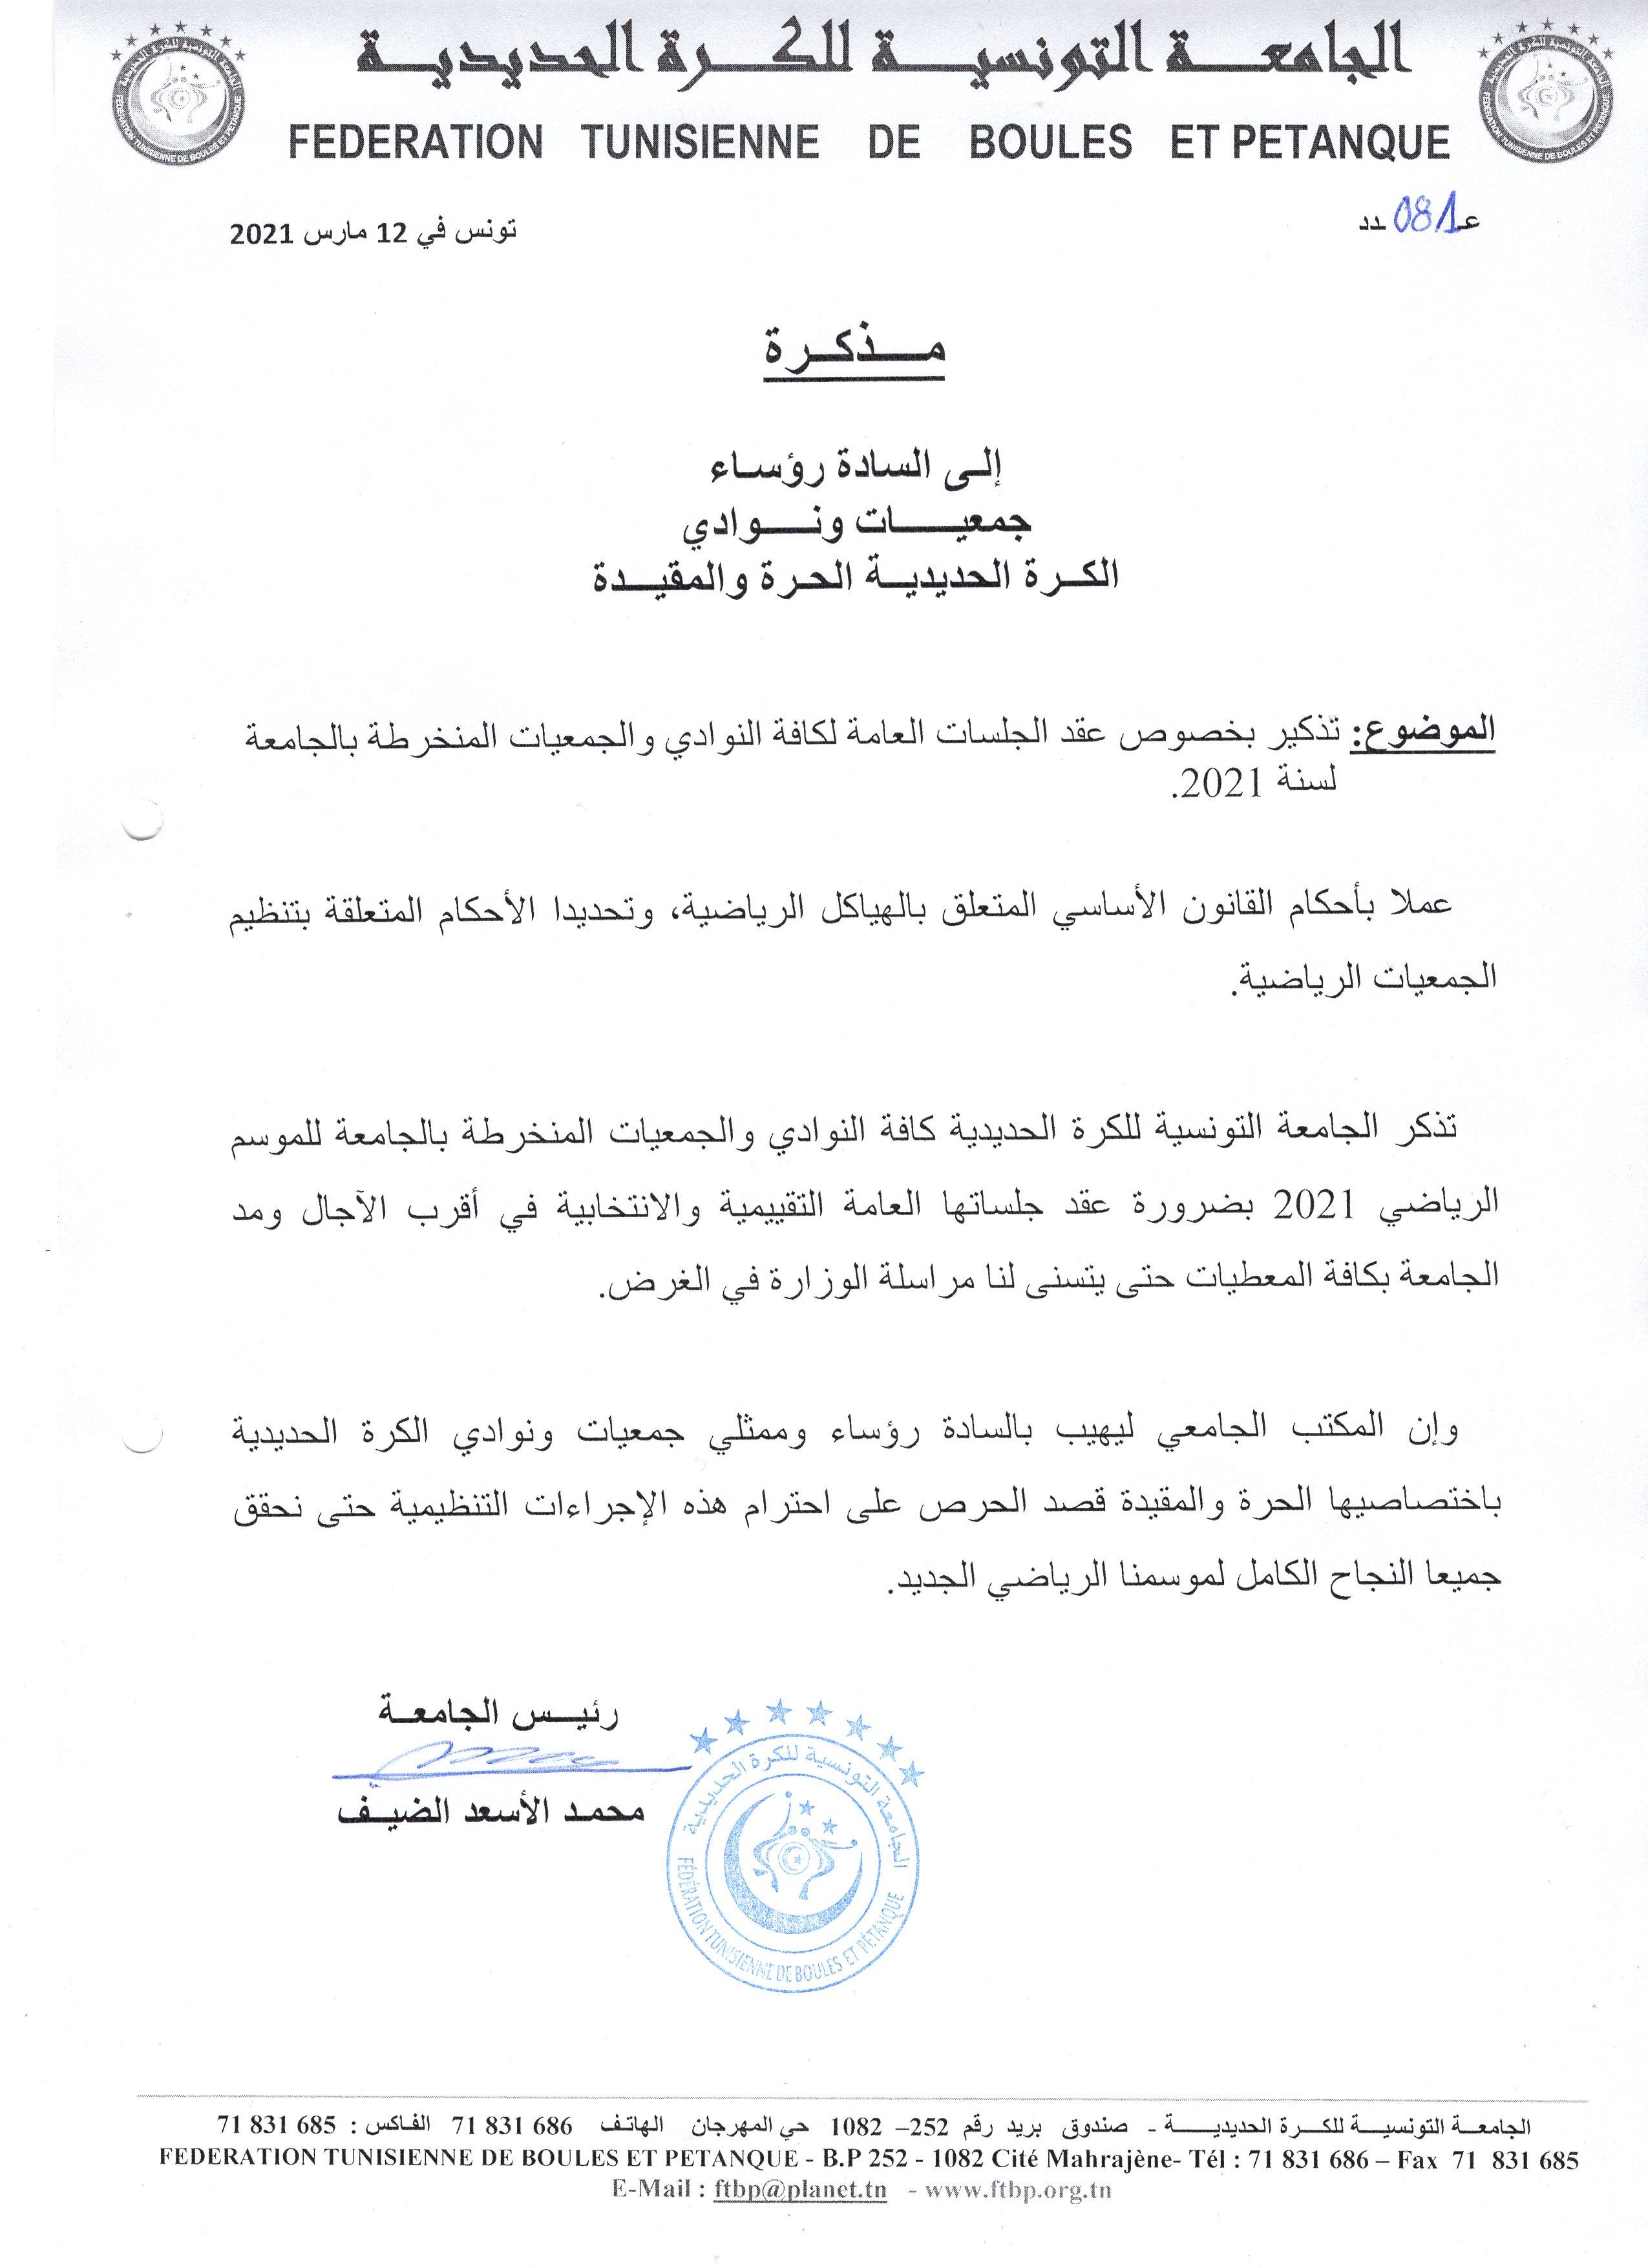 مذكرة حول الجلسات العامة للجمعيات